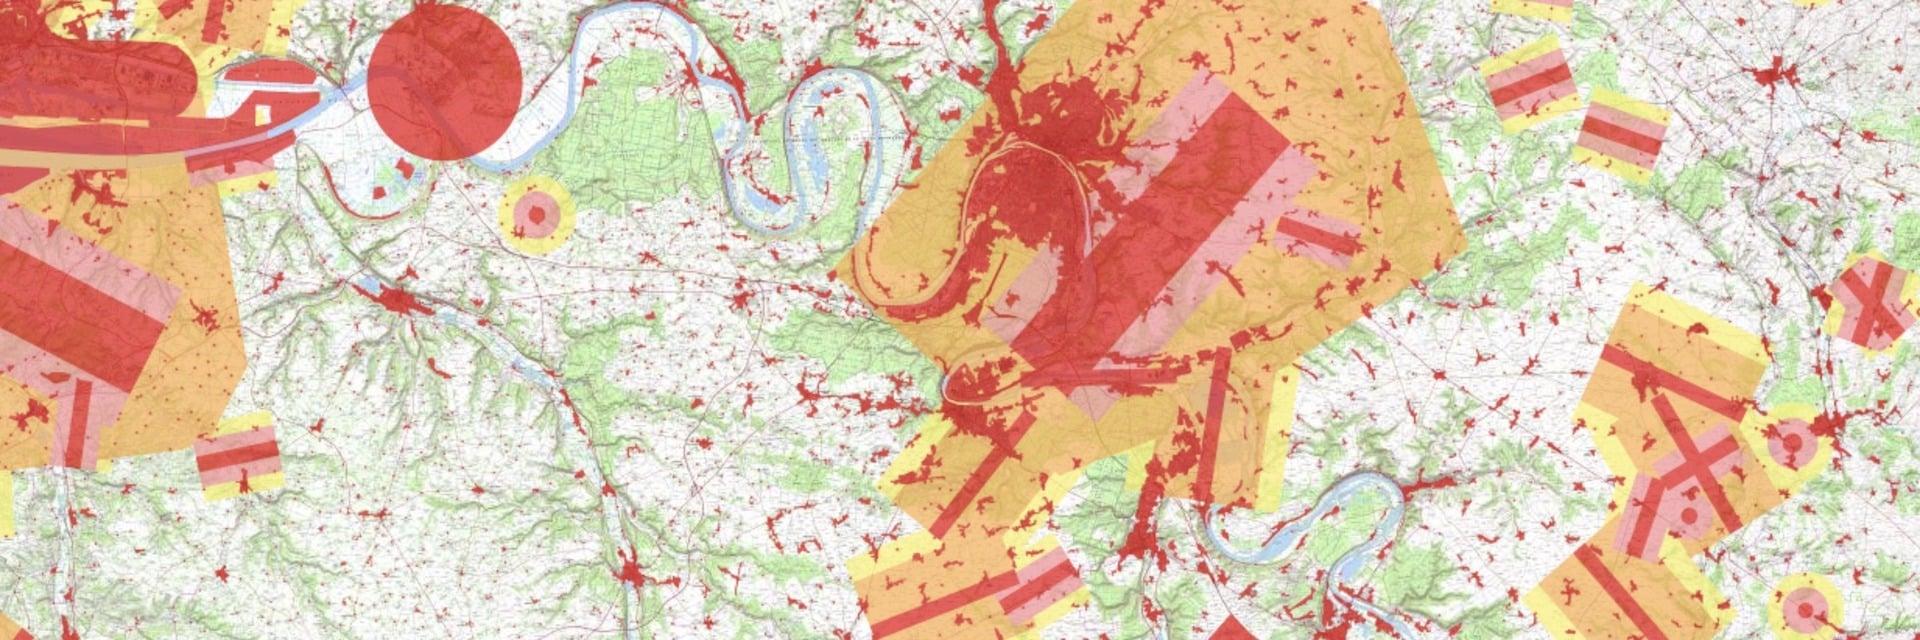 Carte Drone Spot pour savoir où voler